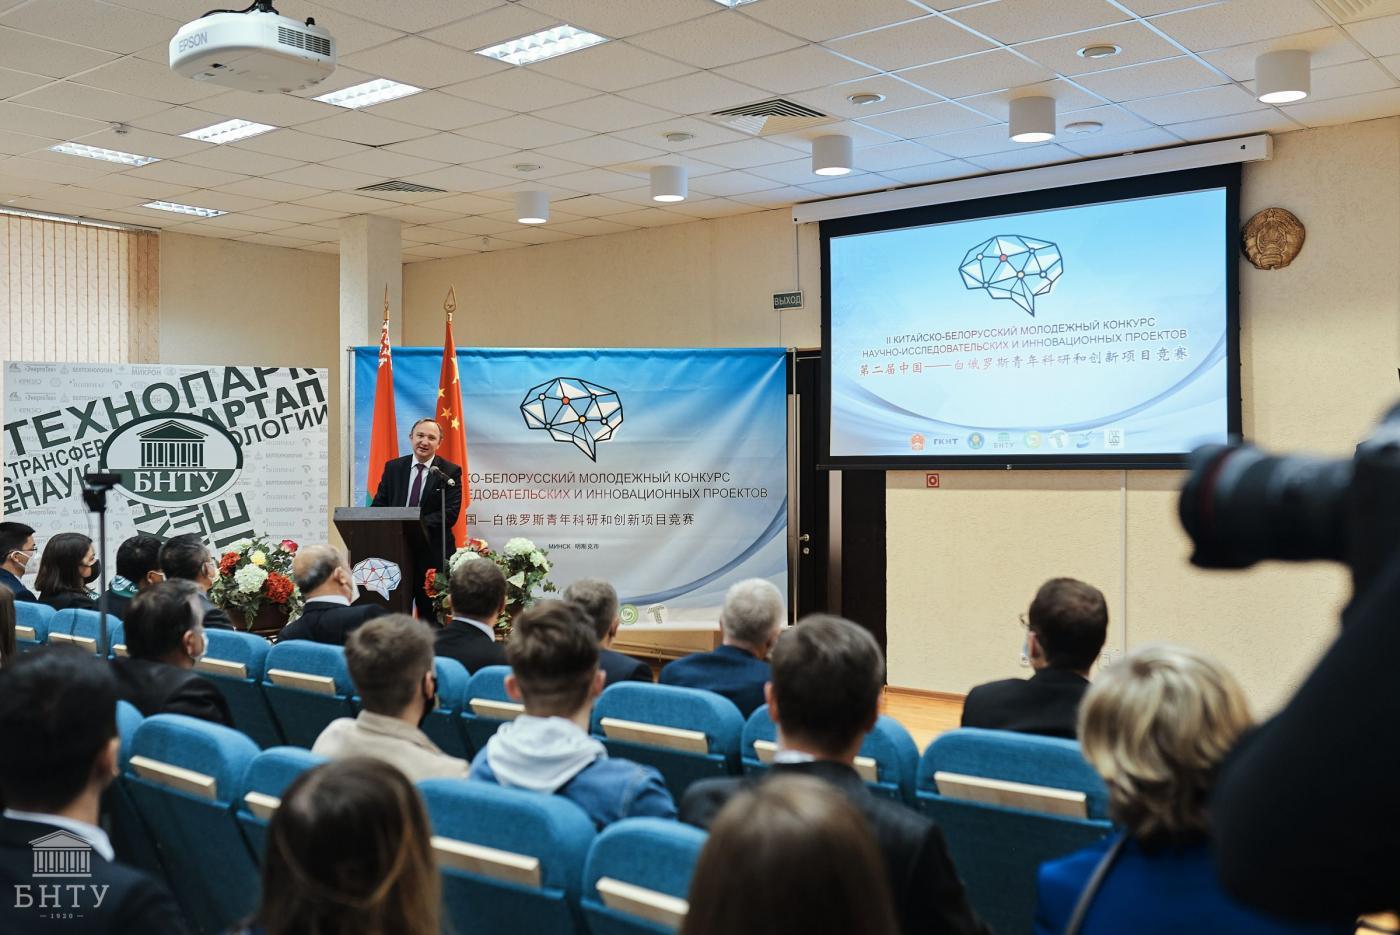 Открытие II Китайско-Белорусского молодежного конкурса научно-исследовательских и инновационных проектов состоялось в БНТУ